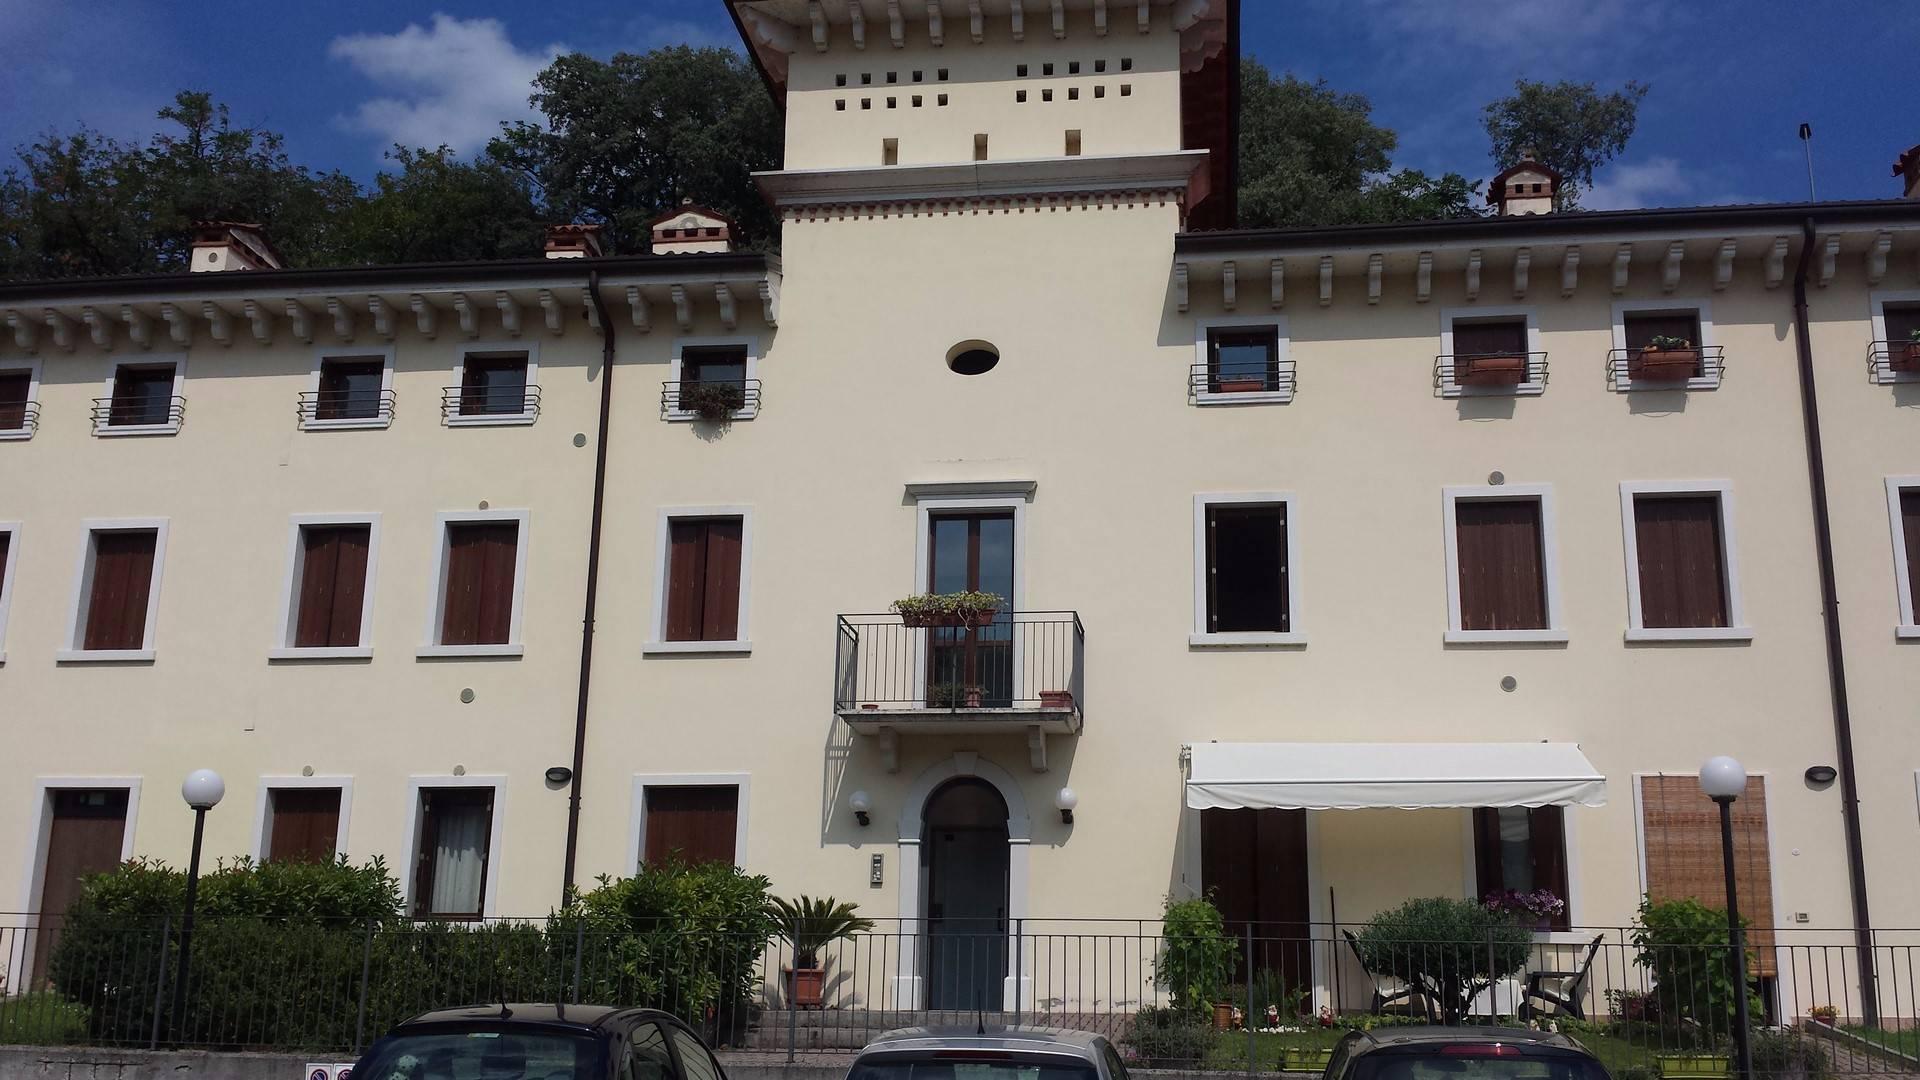 Appartamento in vendita a Cazzano di Tramigna, 2 locali, prezzo € 48.000 | CambioCasa.it